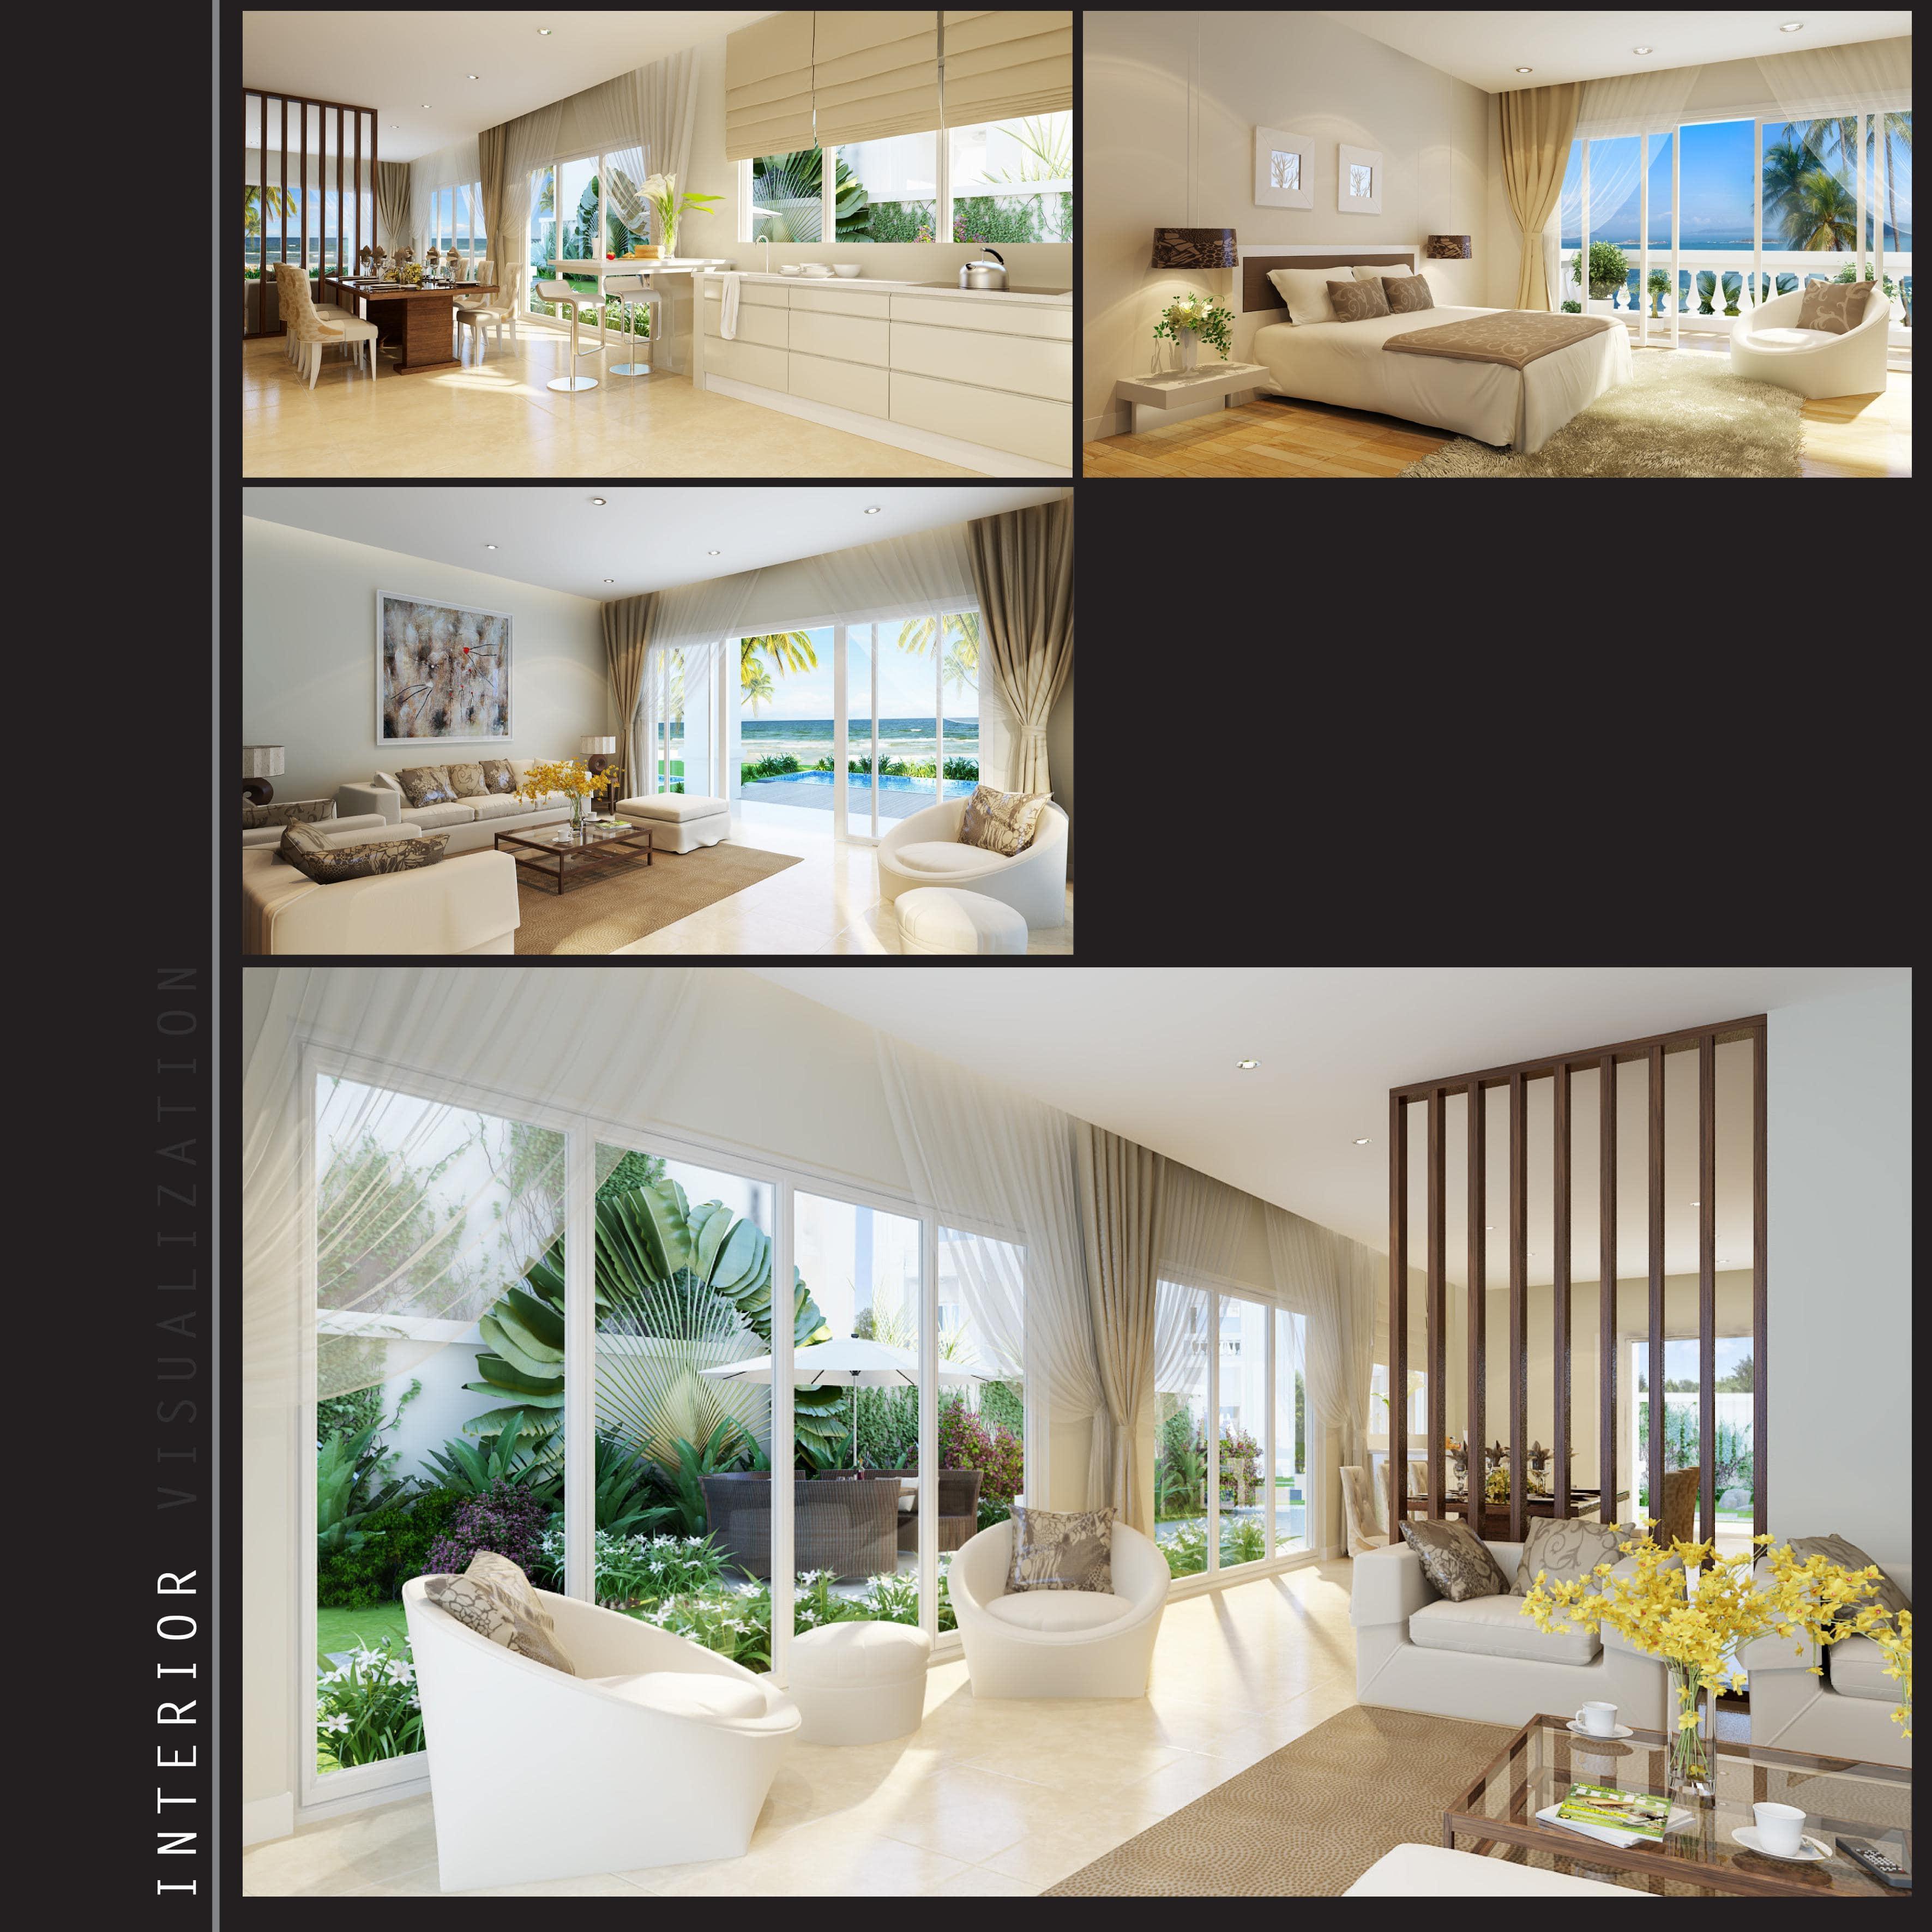 thiết kế nội thất chung cư tại Hồ Chí Minh CĂN HỘ TRẺ TRUNG TẠI CC SEASON MỖ LAO 5 1548664069